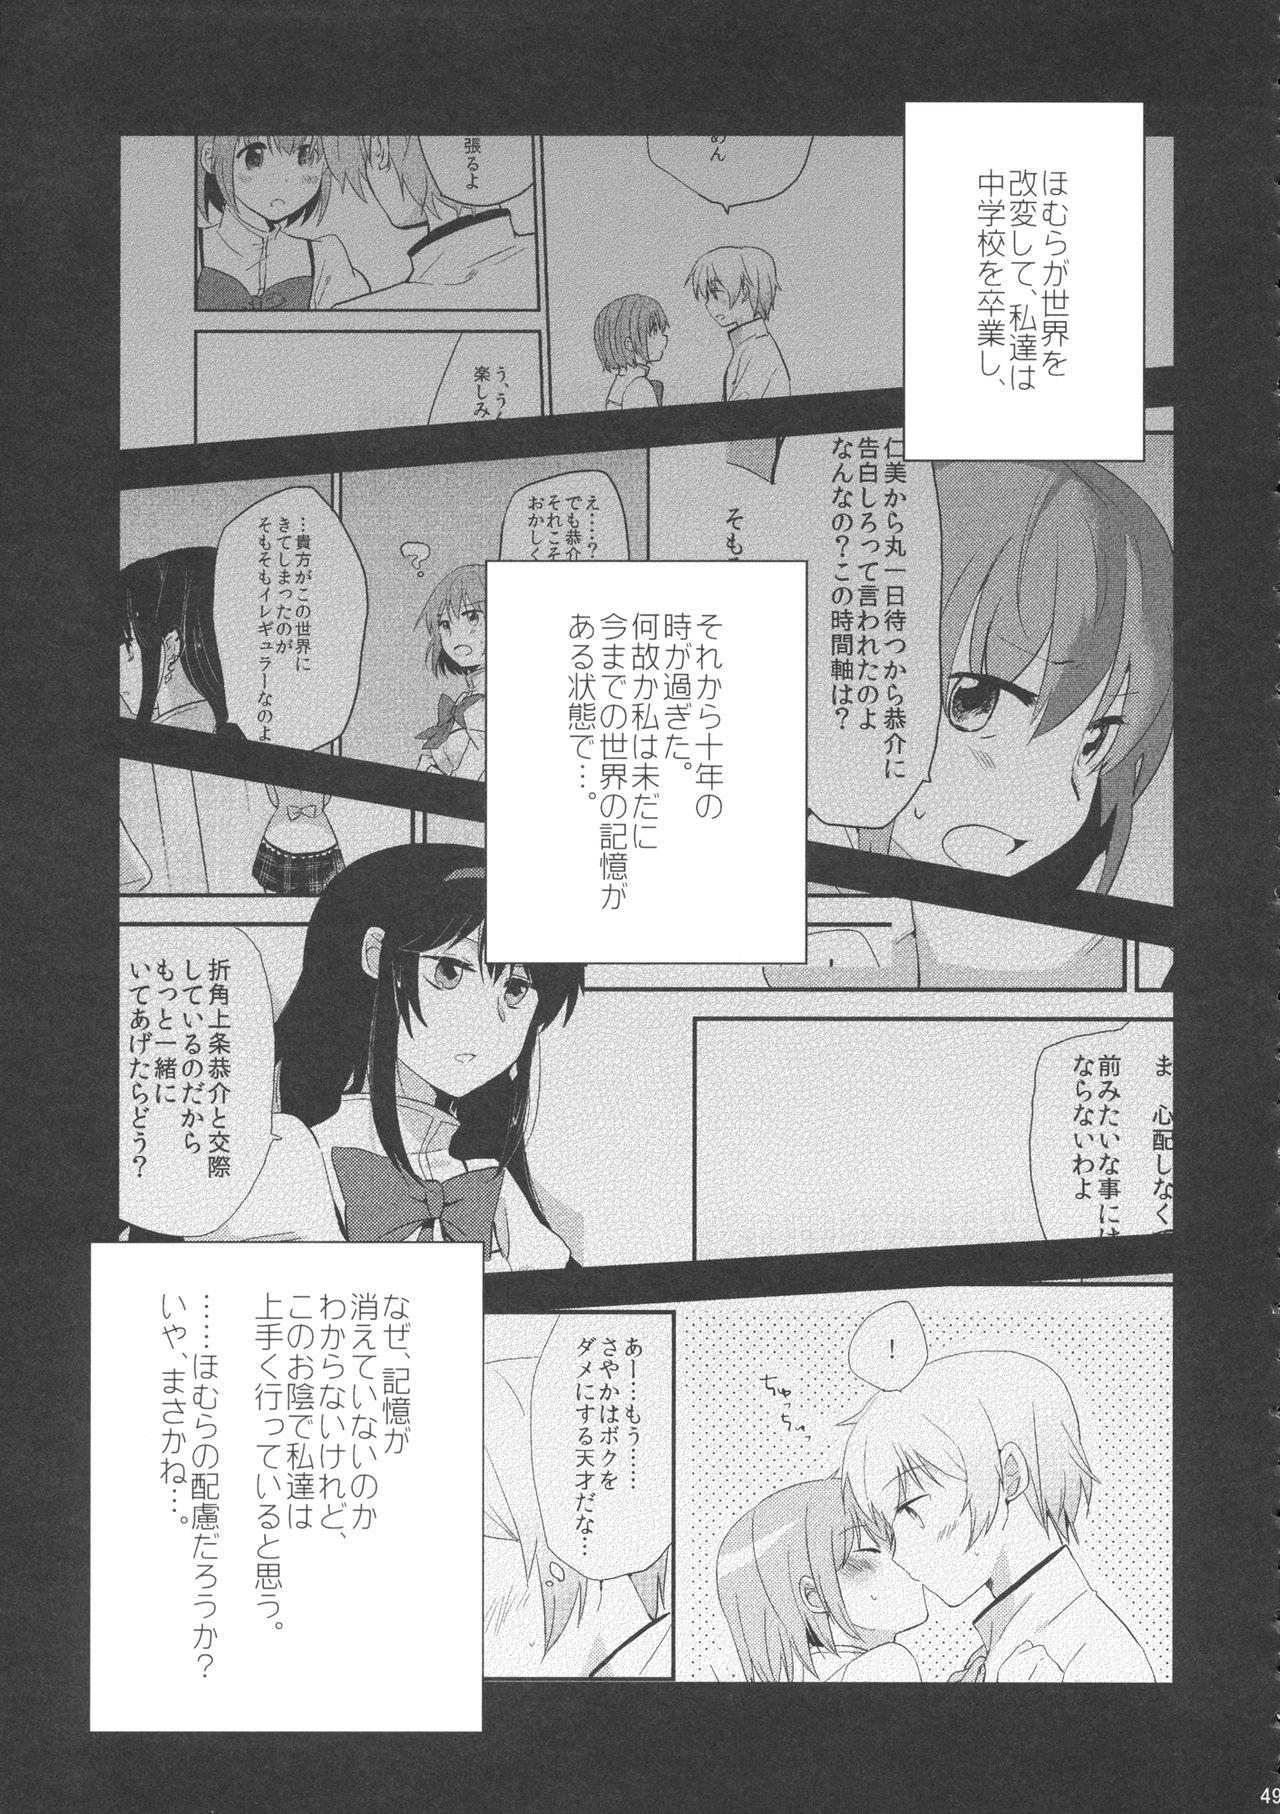 if Kanzenban 47